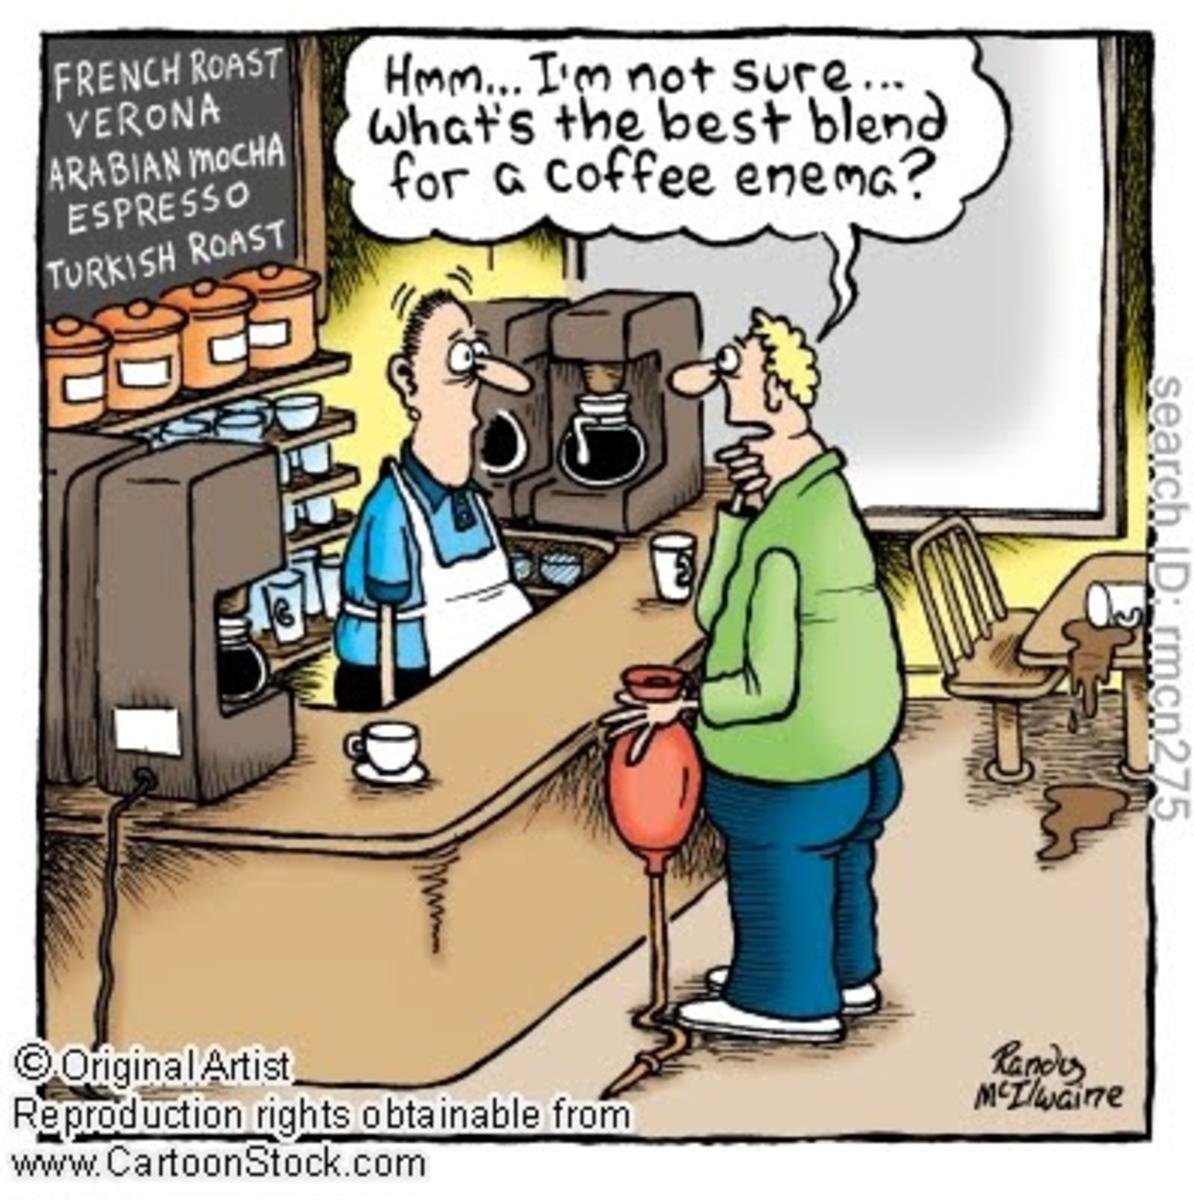 Coffee Enema for Detox?